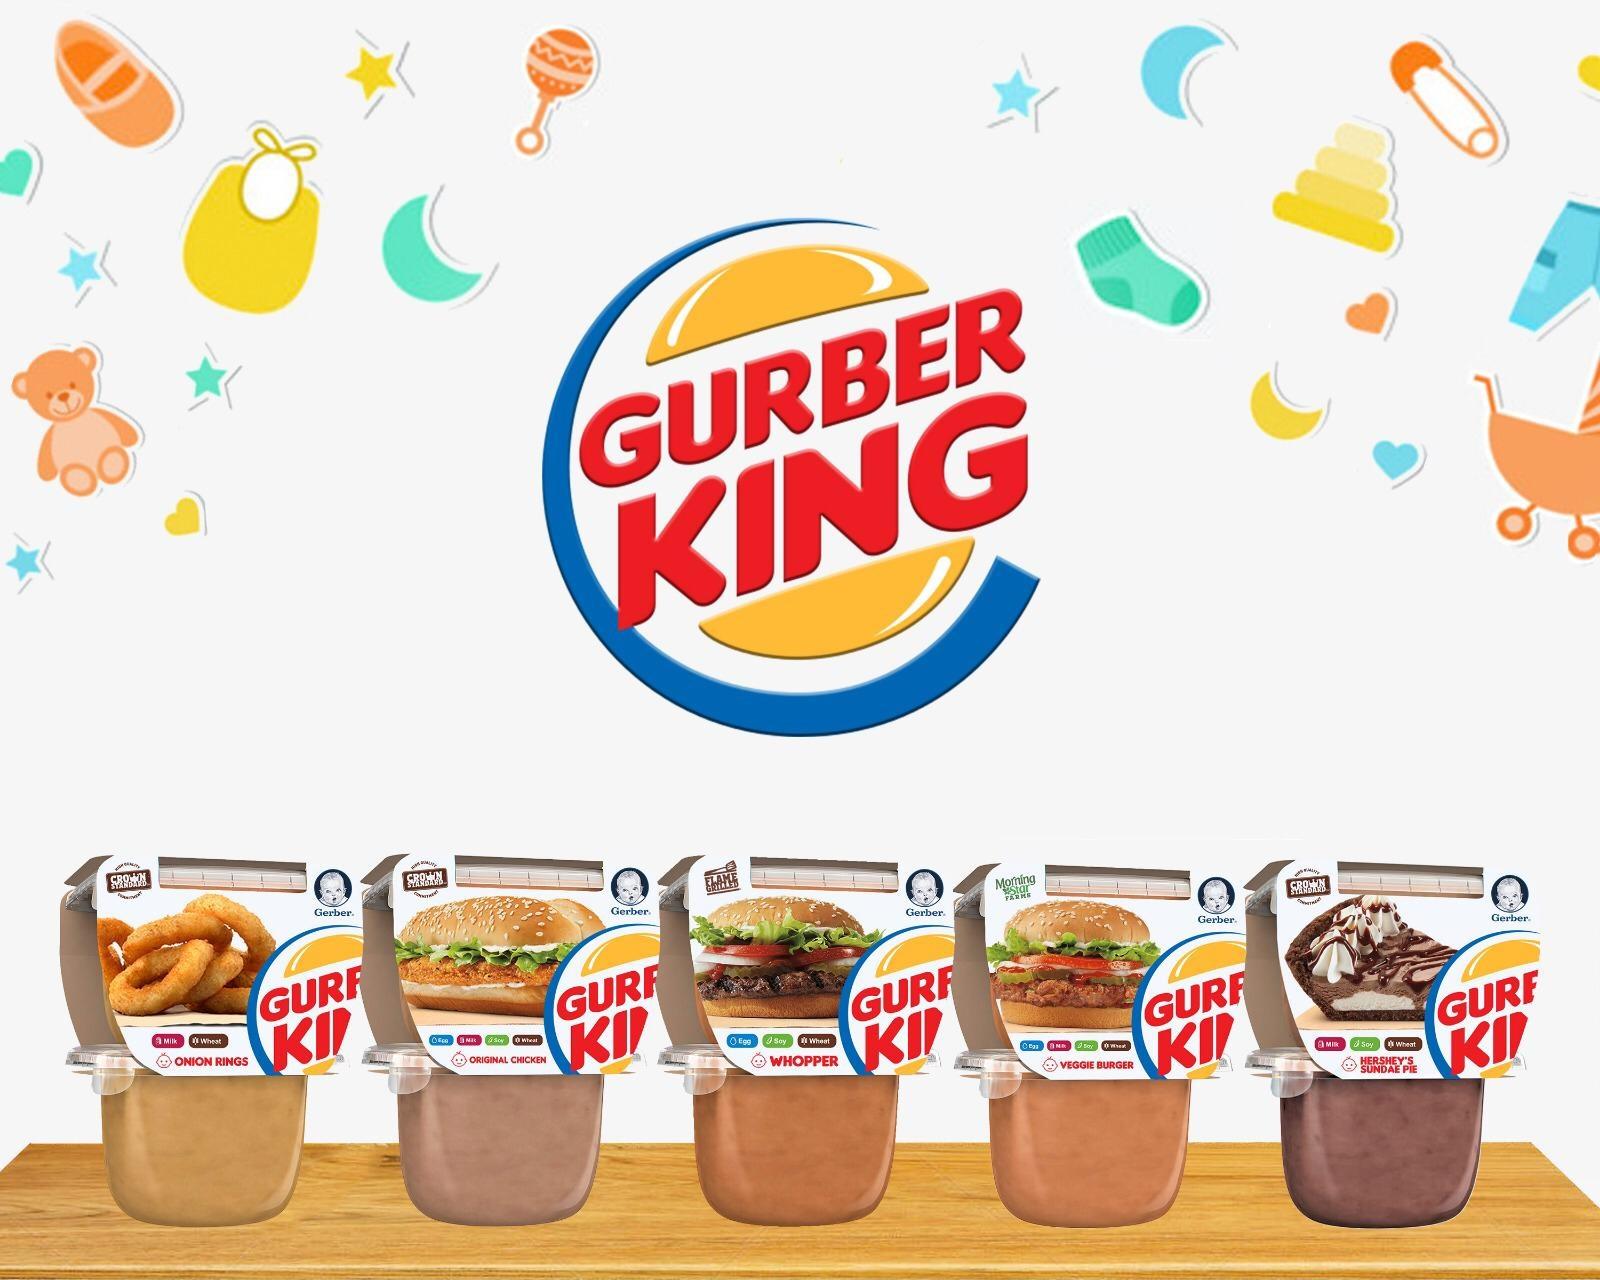 Thumbnail for Gurber King